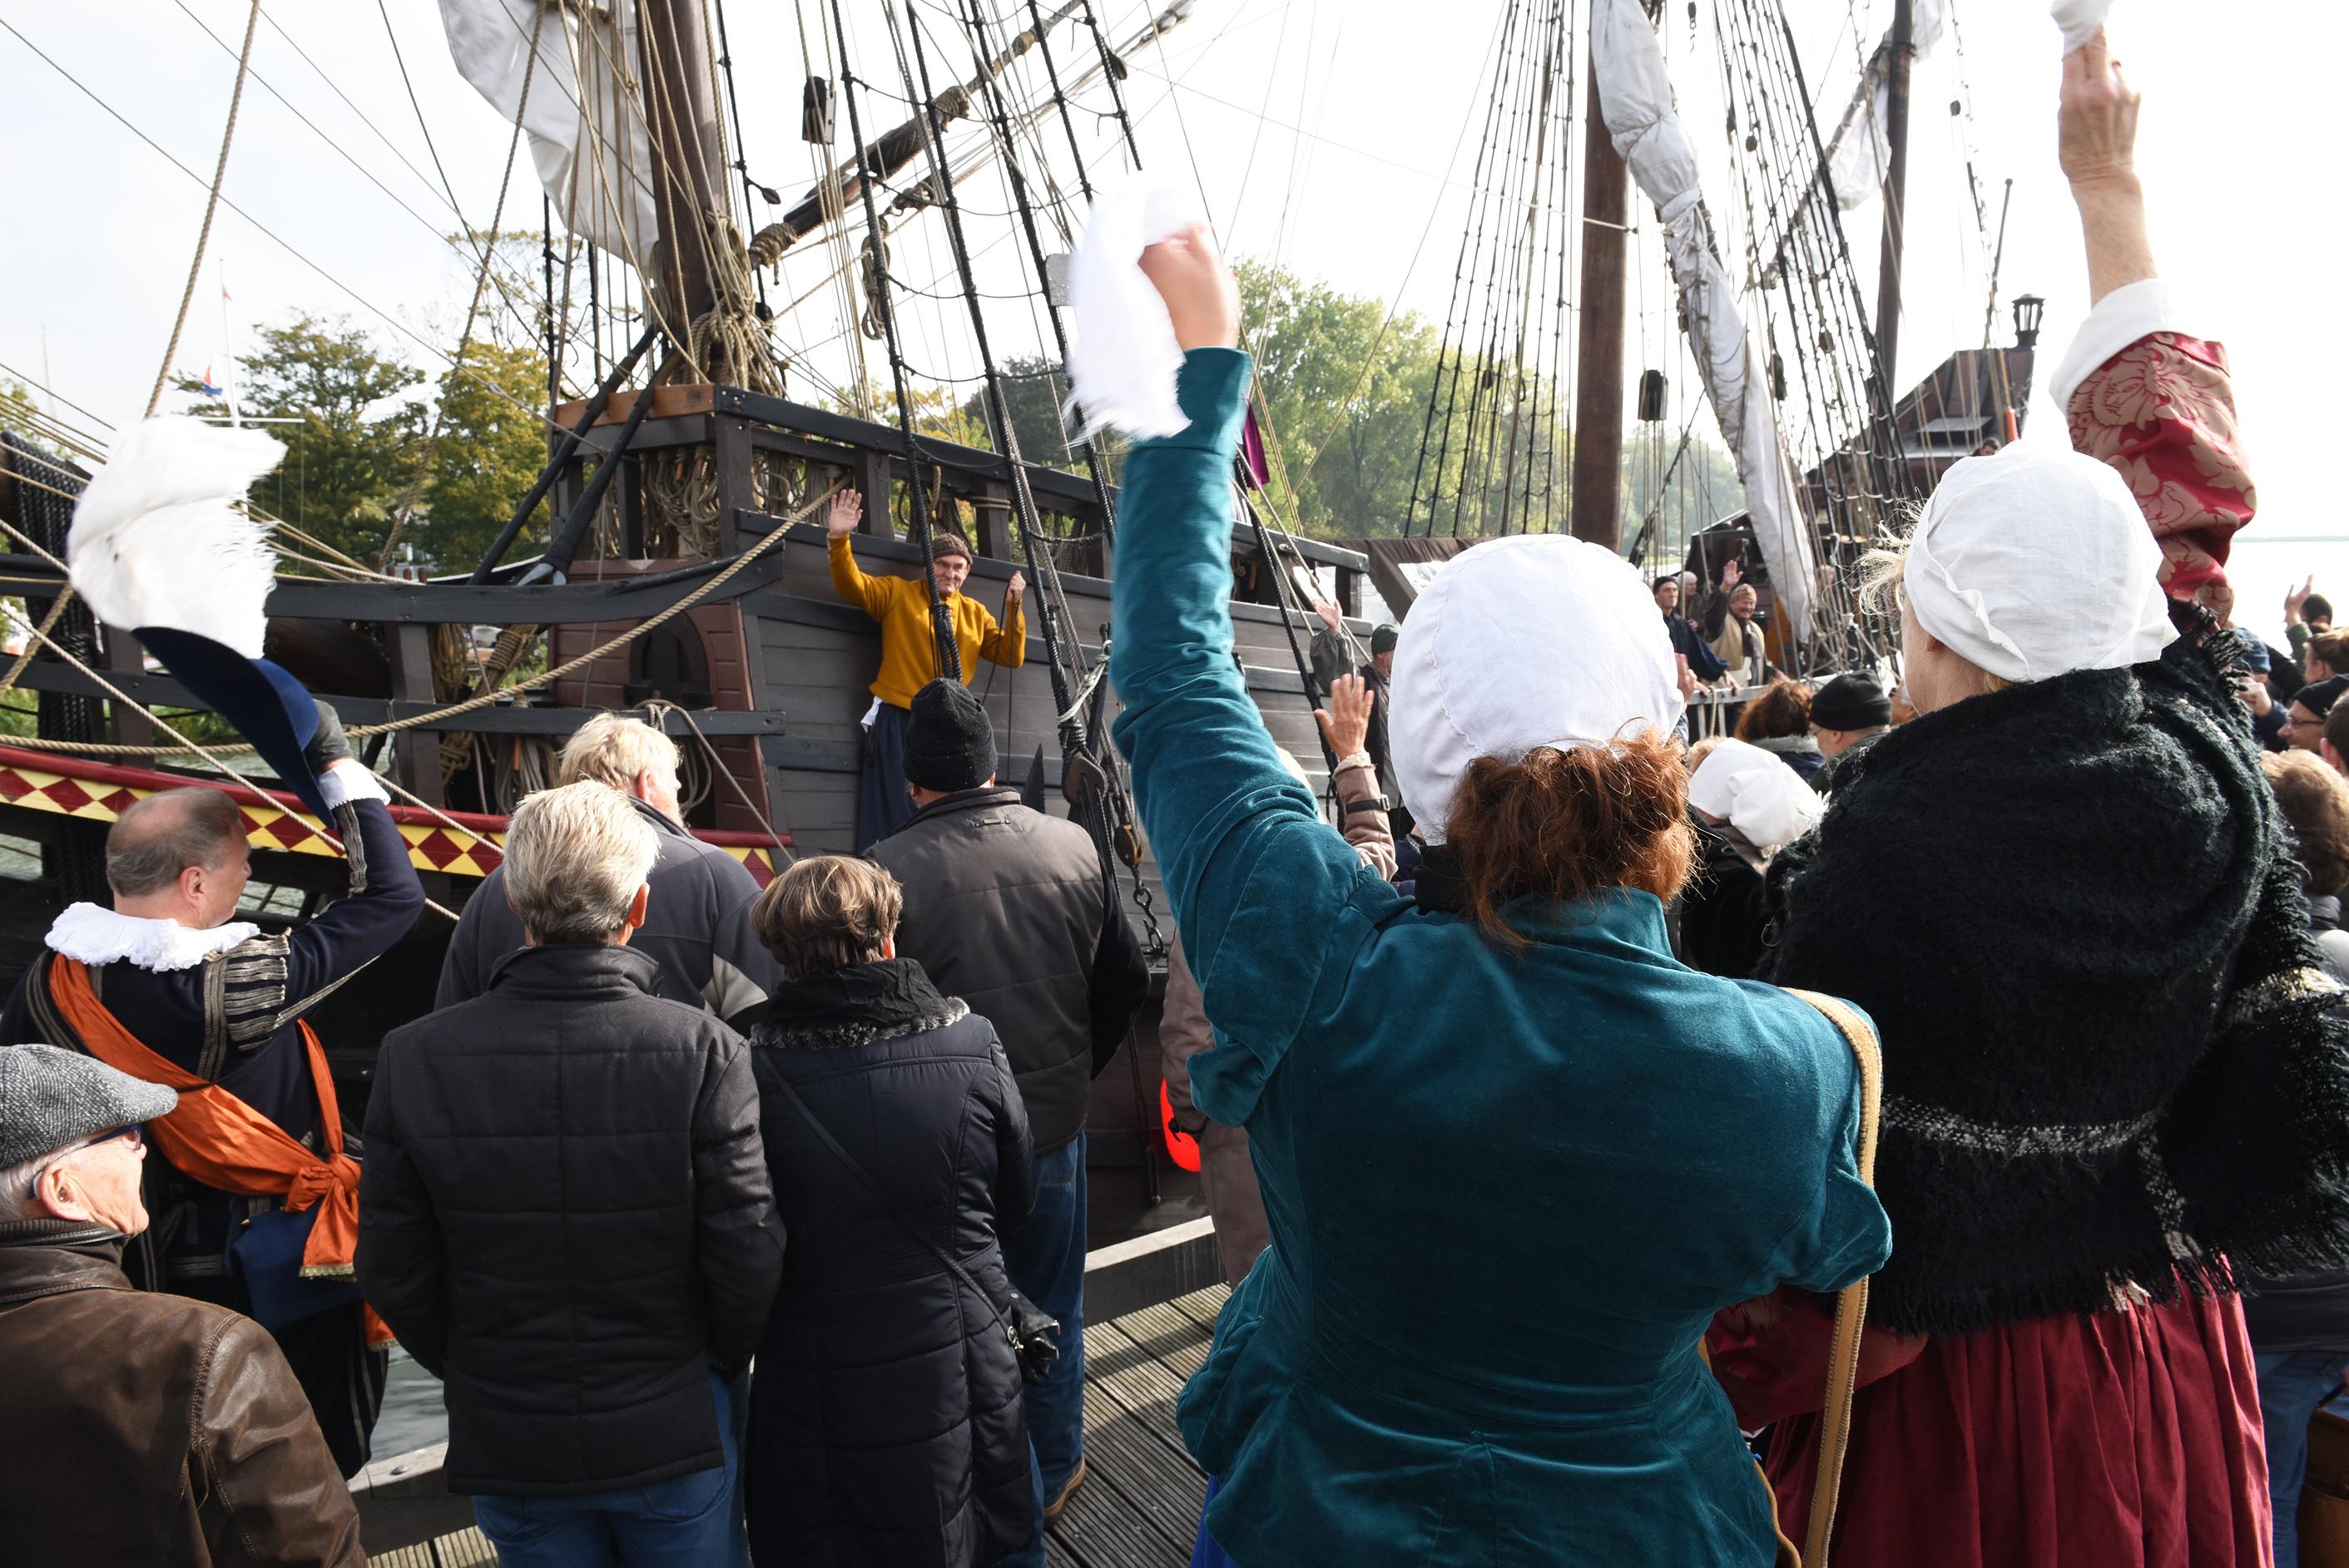 De Halve Maen maakt binnenkort een uitstapje. Het schip verlaat haar vaste standplaats Hoorn voor een bezoek aan Enkhuizen. (Foto: aangeleverd)